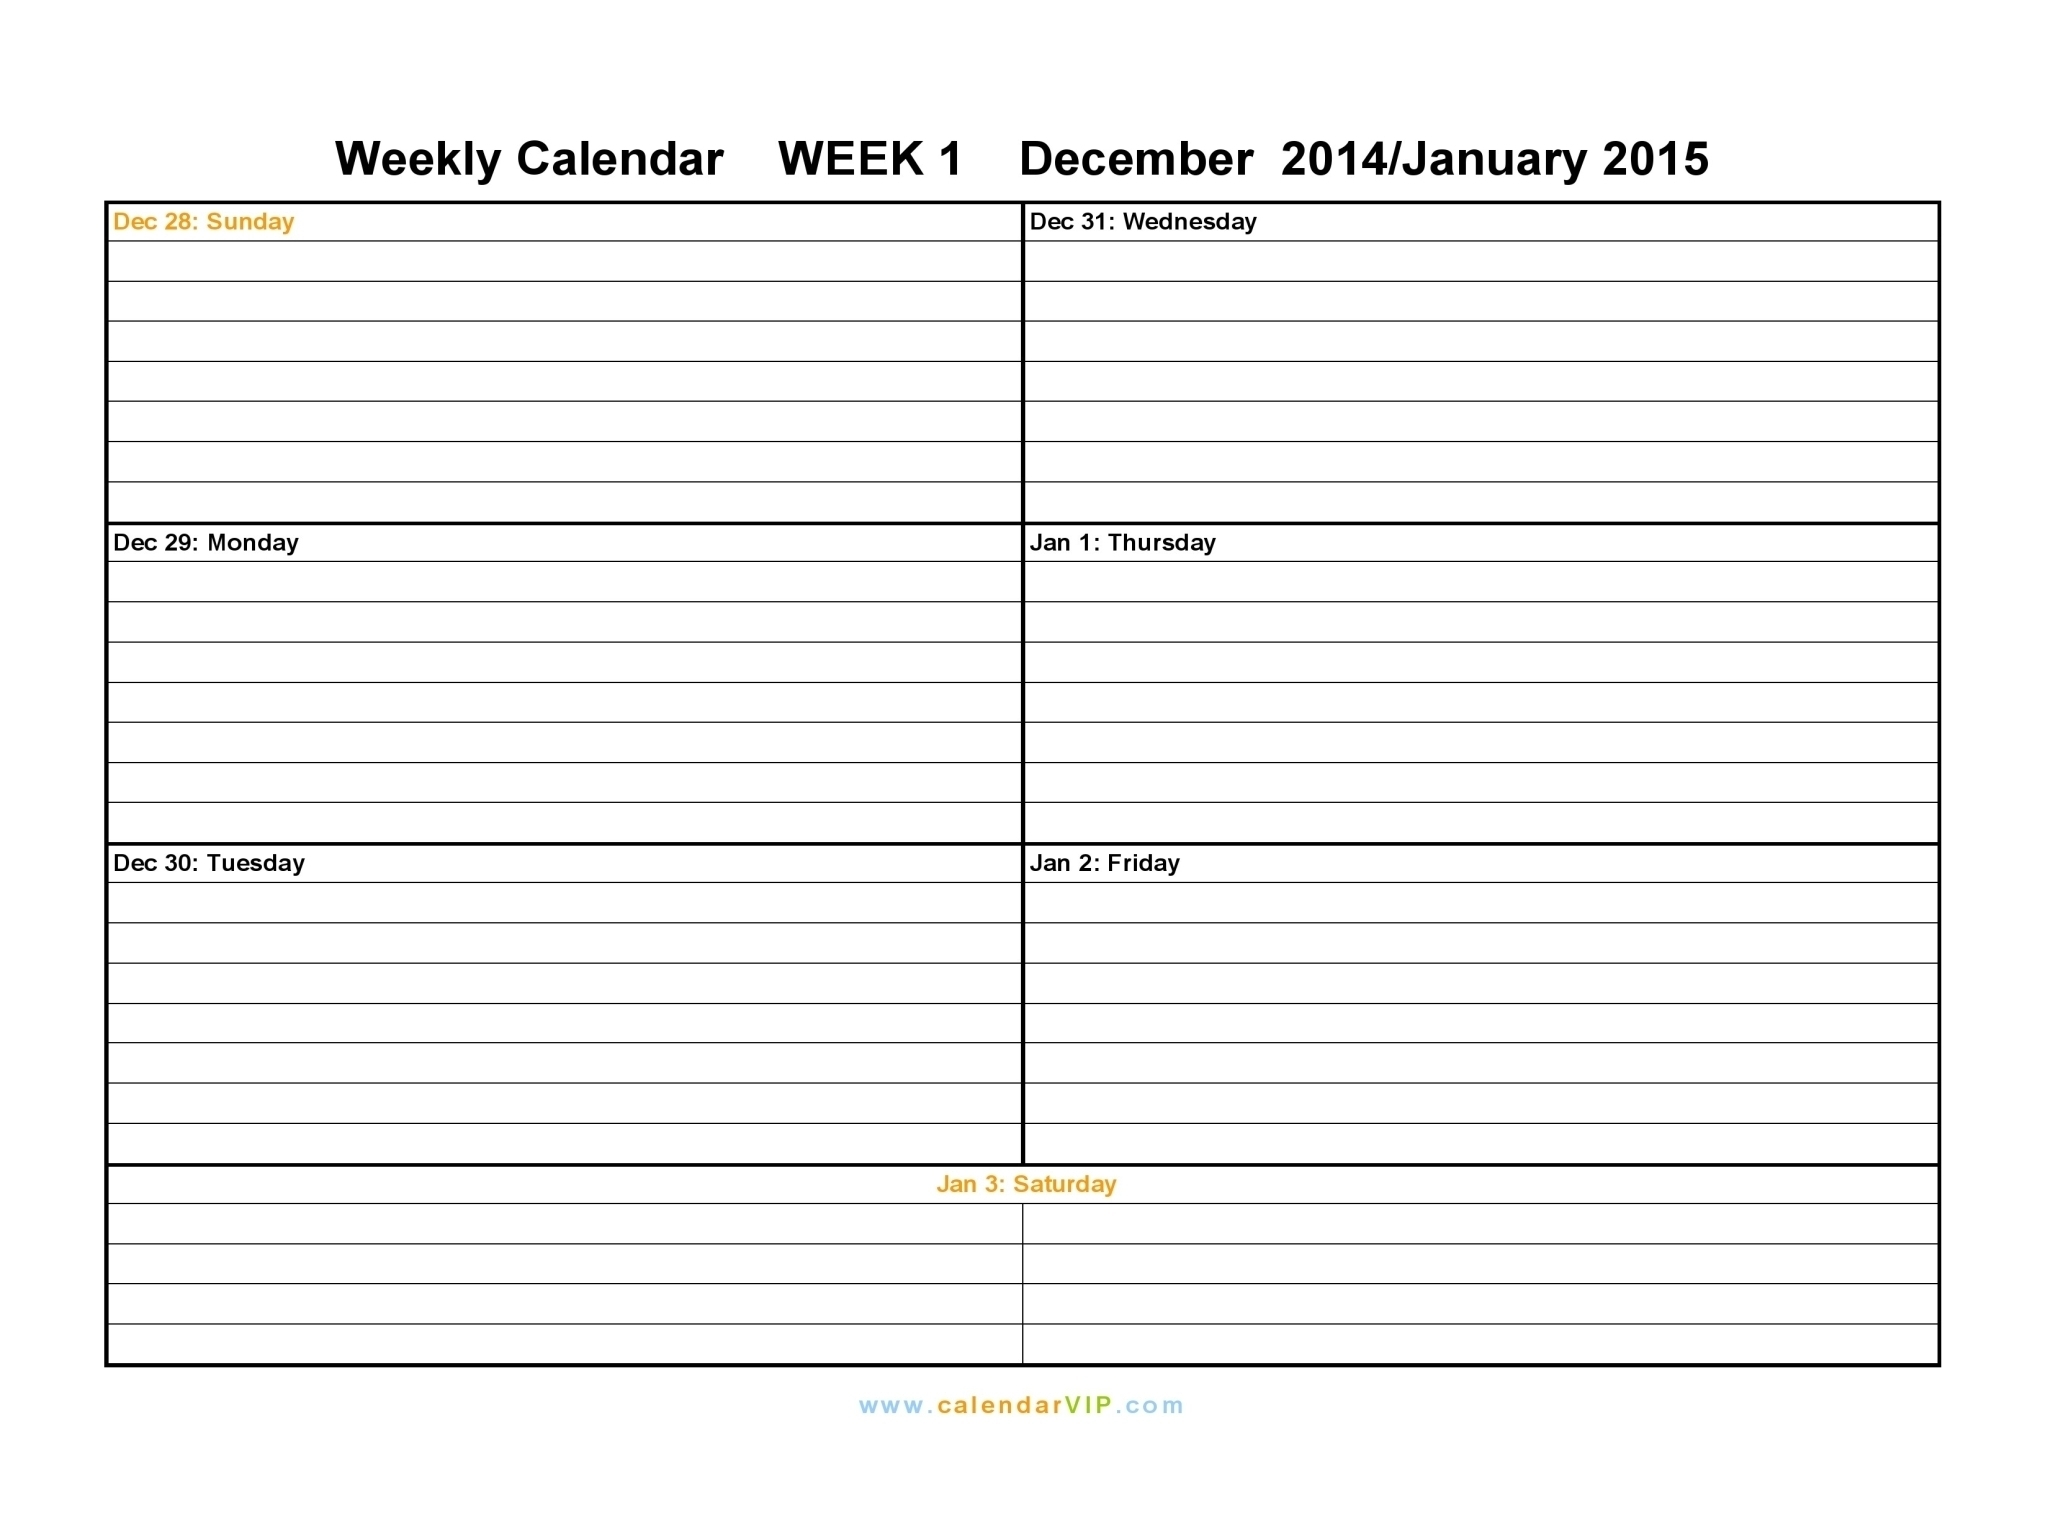 Definition Of A Calendar Week | Igotlockedout